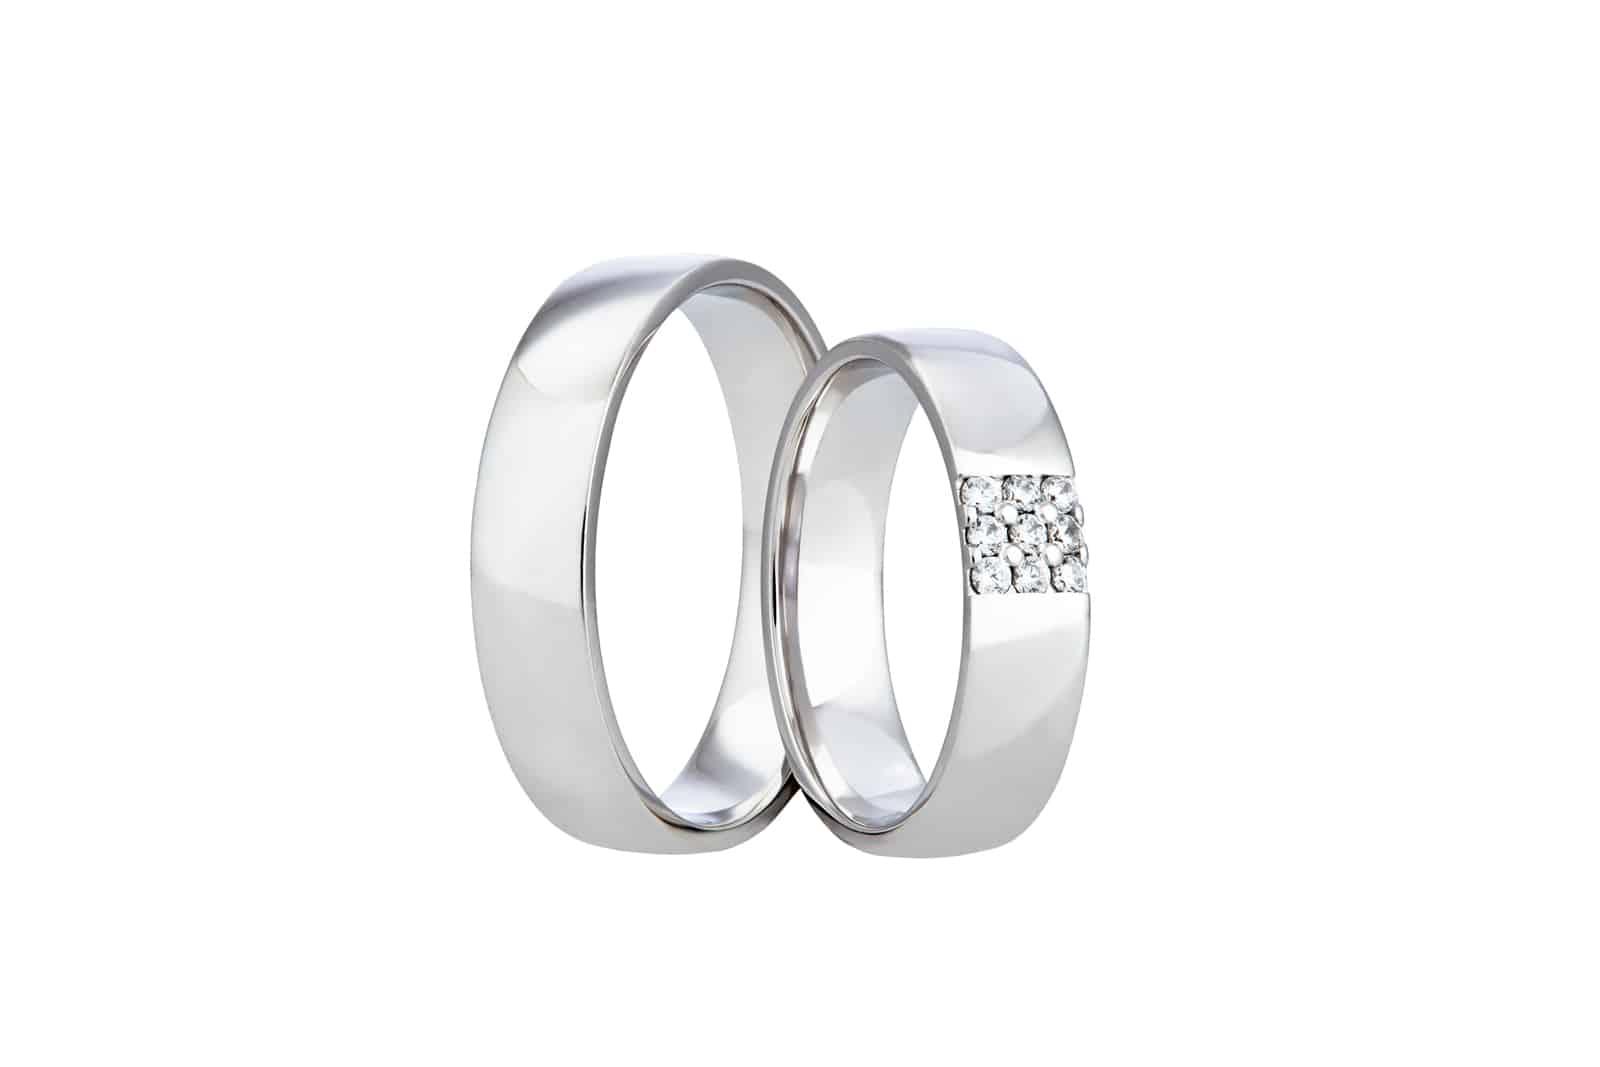 Snubní prsteny jednoduché